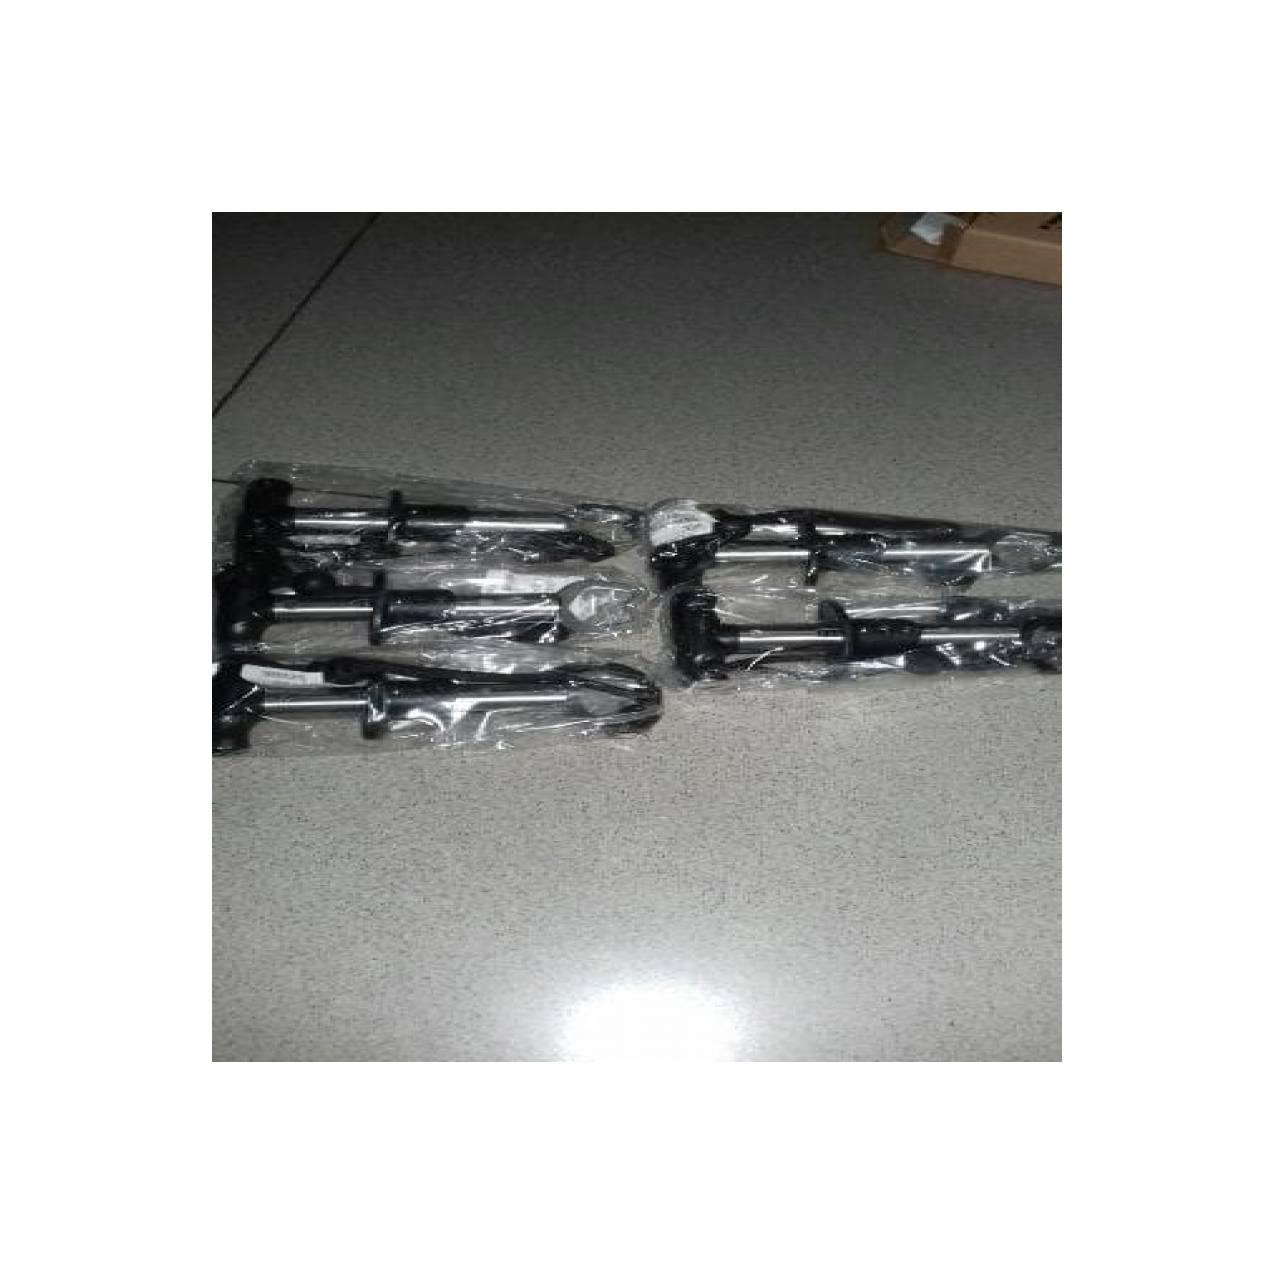 Buyincoins Fd 900225 Inci Pengikat Pegangan Kunci Pas Universalrilis Paket Fungsional Sepeda Treker Freewheel Bb Perbengkelan Alat Rp 299400